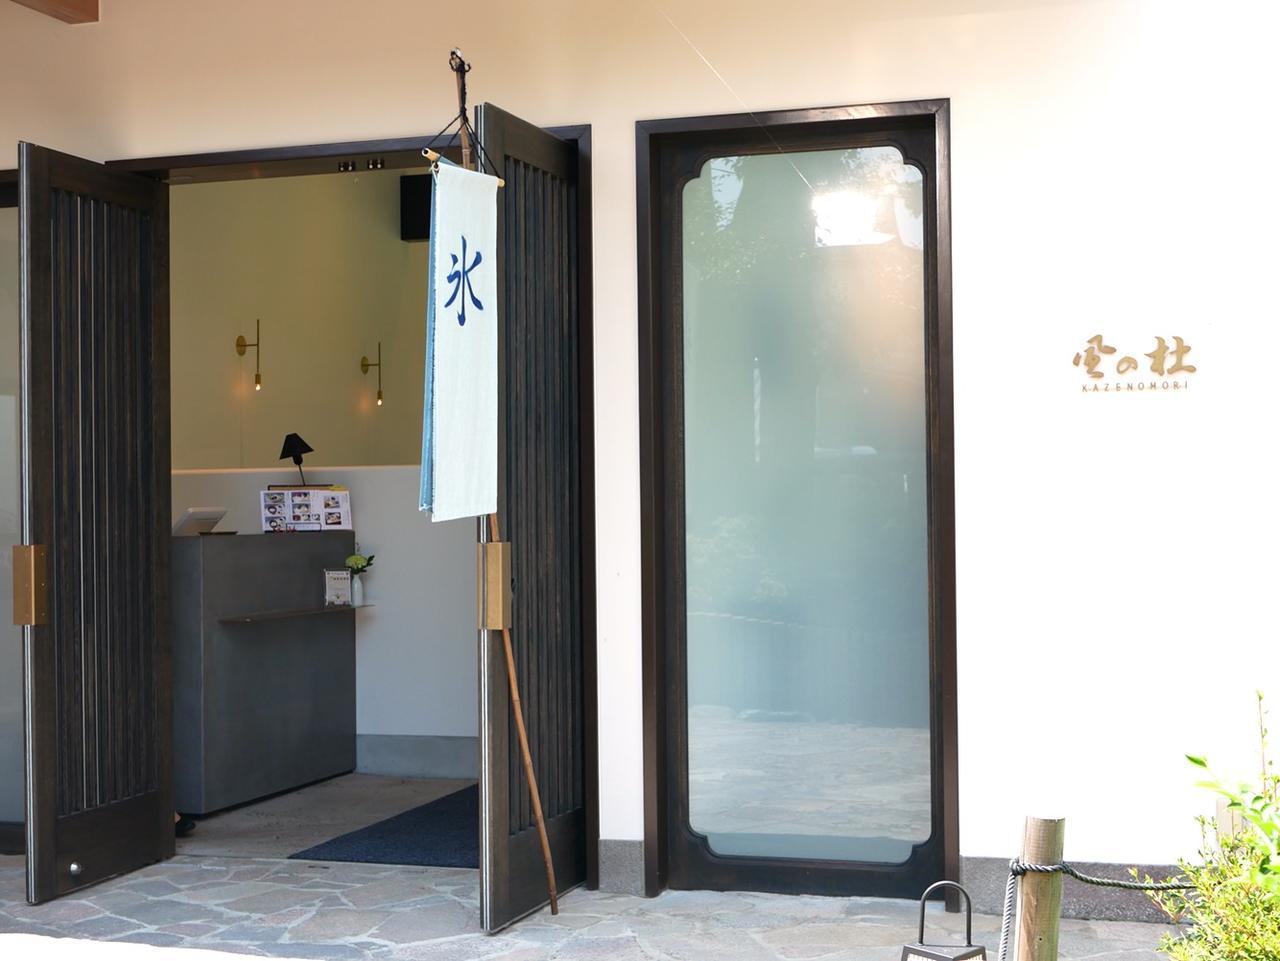 画像2: 鎌倉・鶴岡八幡宮のおすすめ茶寮でホット一息